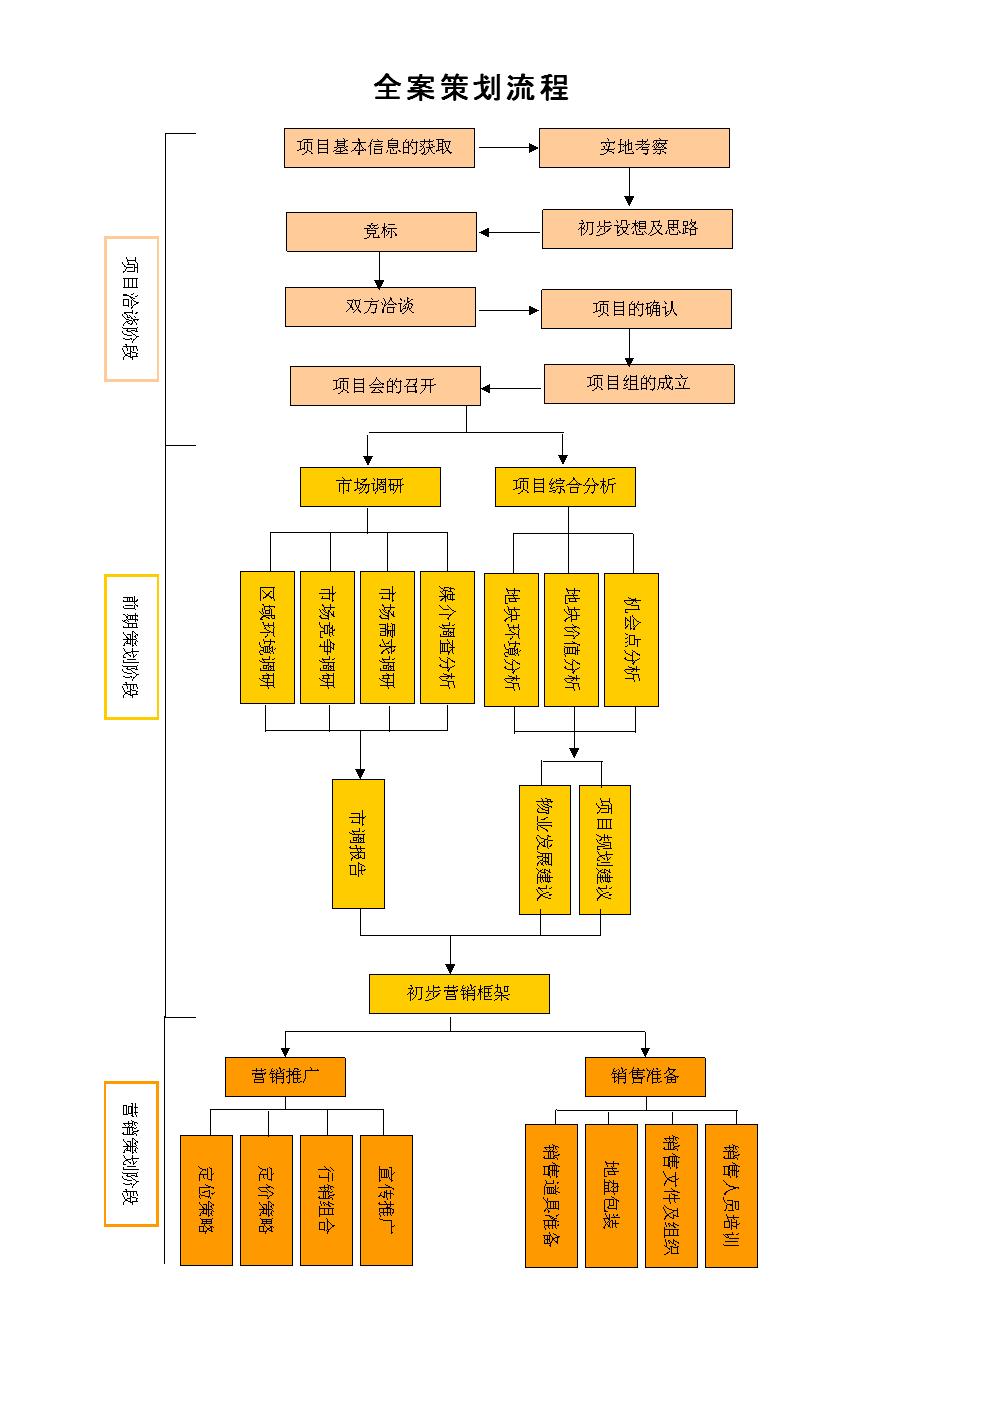 >> 文章内容 >> 3房屋装修管理流程图(上墙  装修房子应该注意些什么